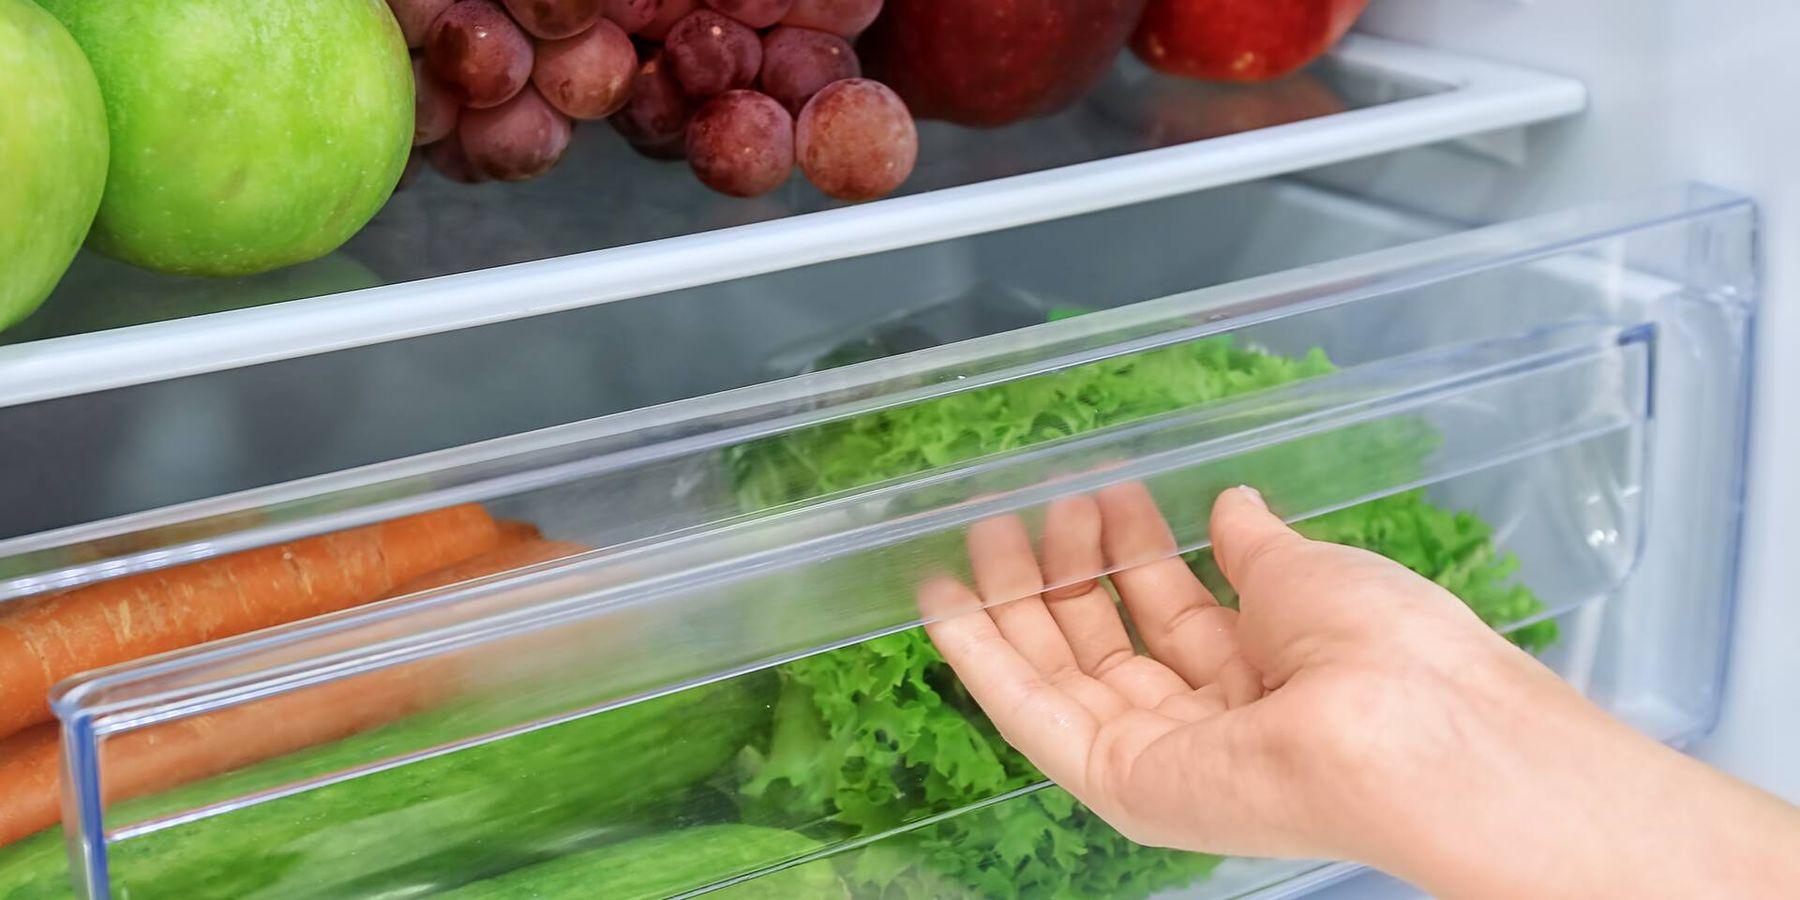 Bảo quản trái cây và rau củ riêng biệt nhau trong tủ lạnh